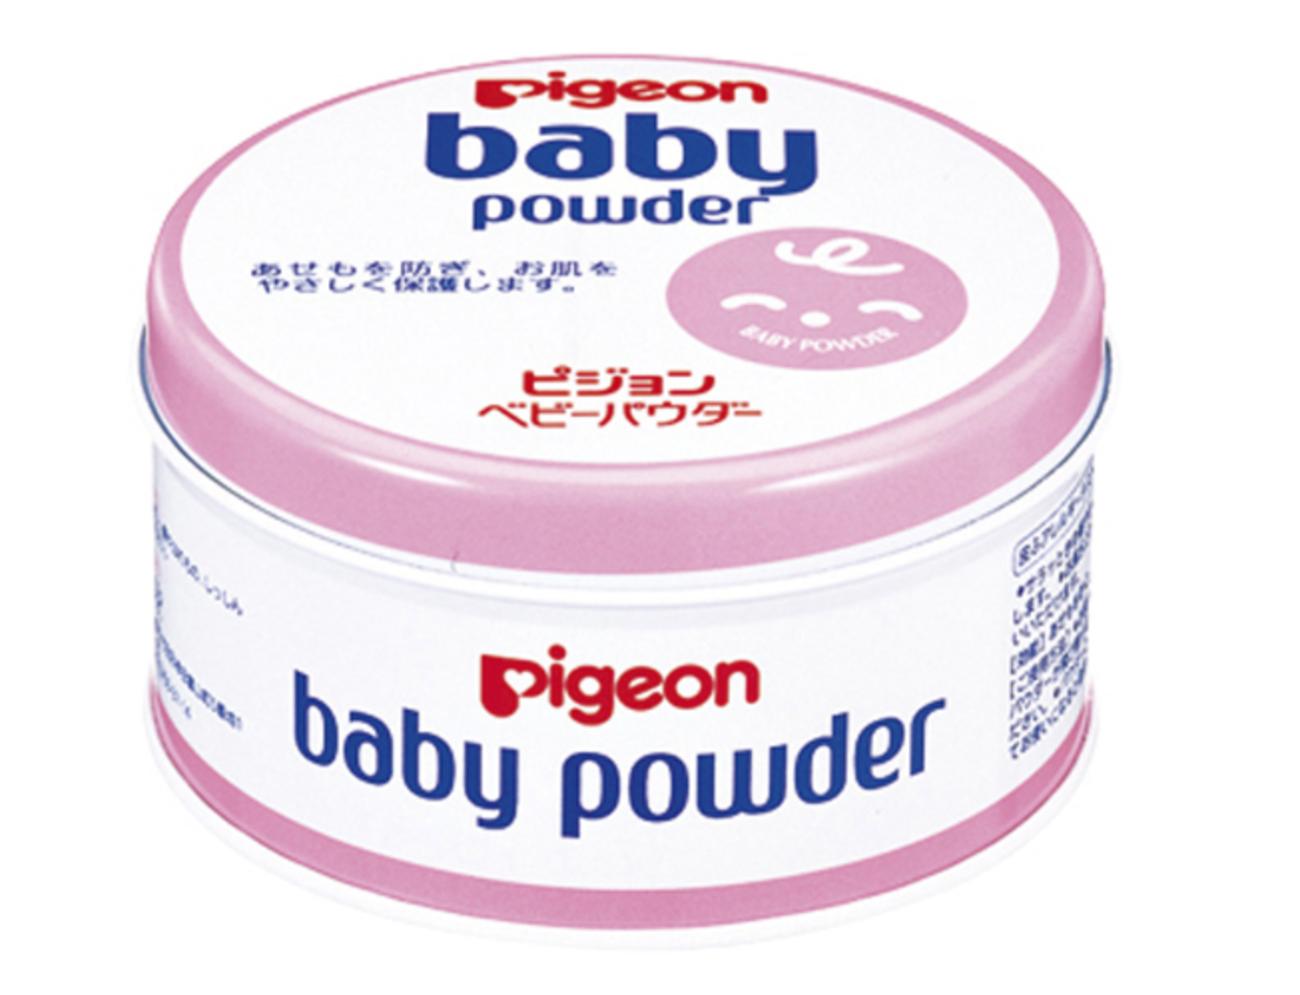 ピジョン ベビーパウダー ピンク缶